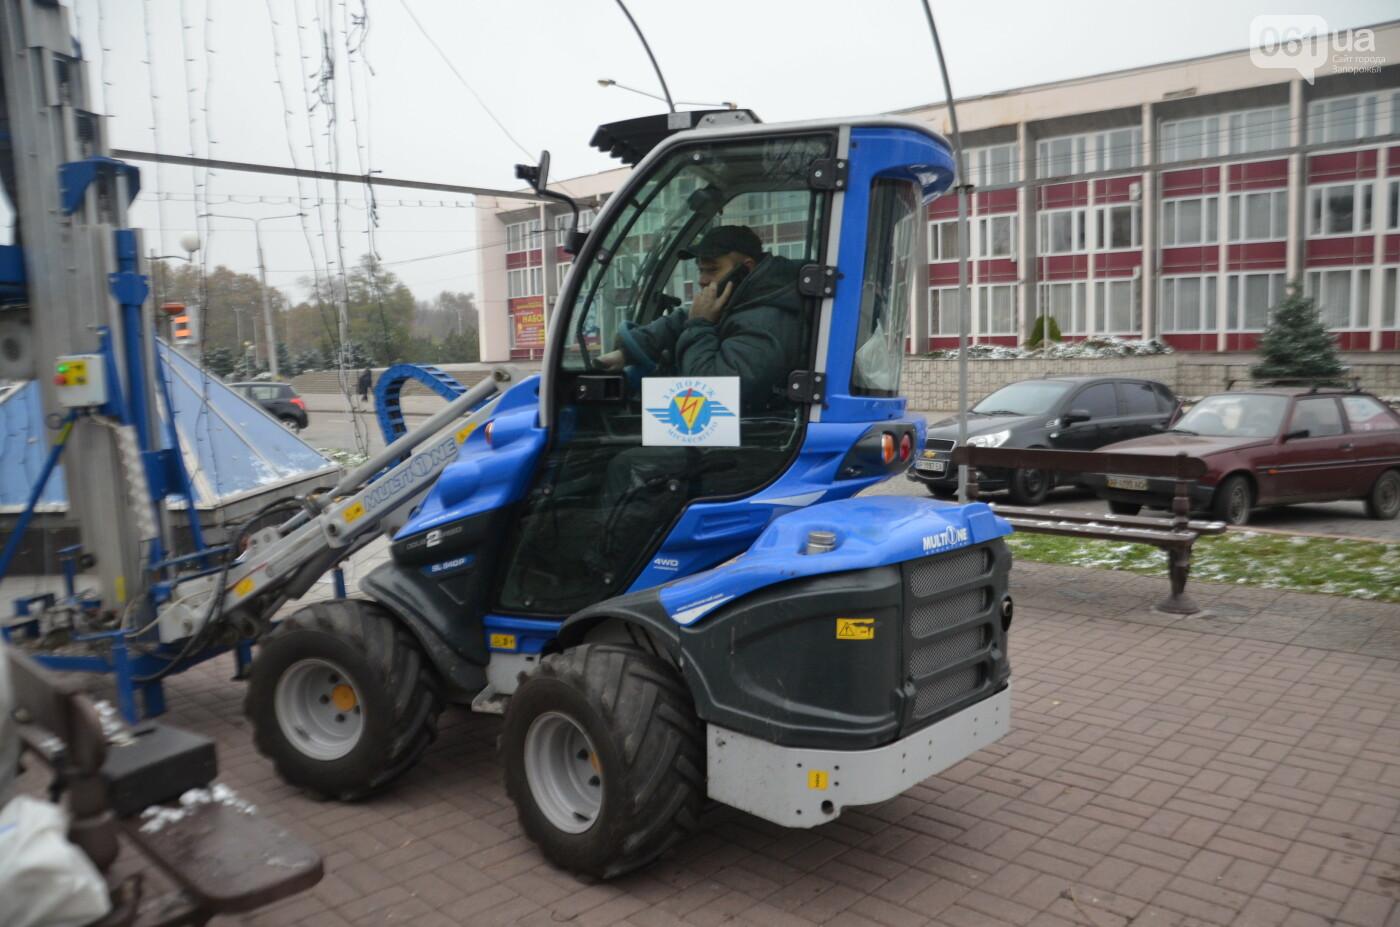 В Запорожье на бульваре Шевченко начали монтировать новогодний городок на БШ за 1,8 миллиона гривен, фото-16